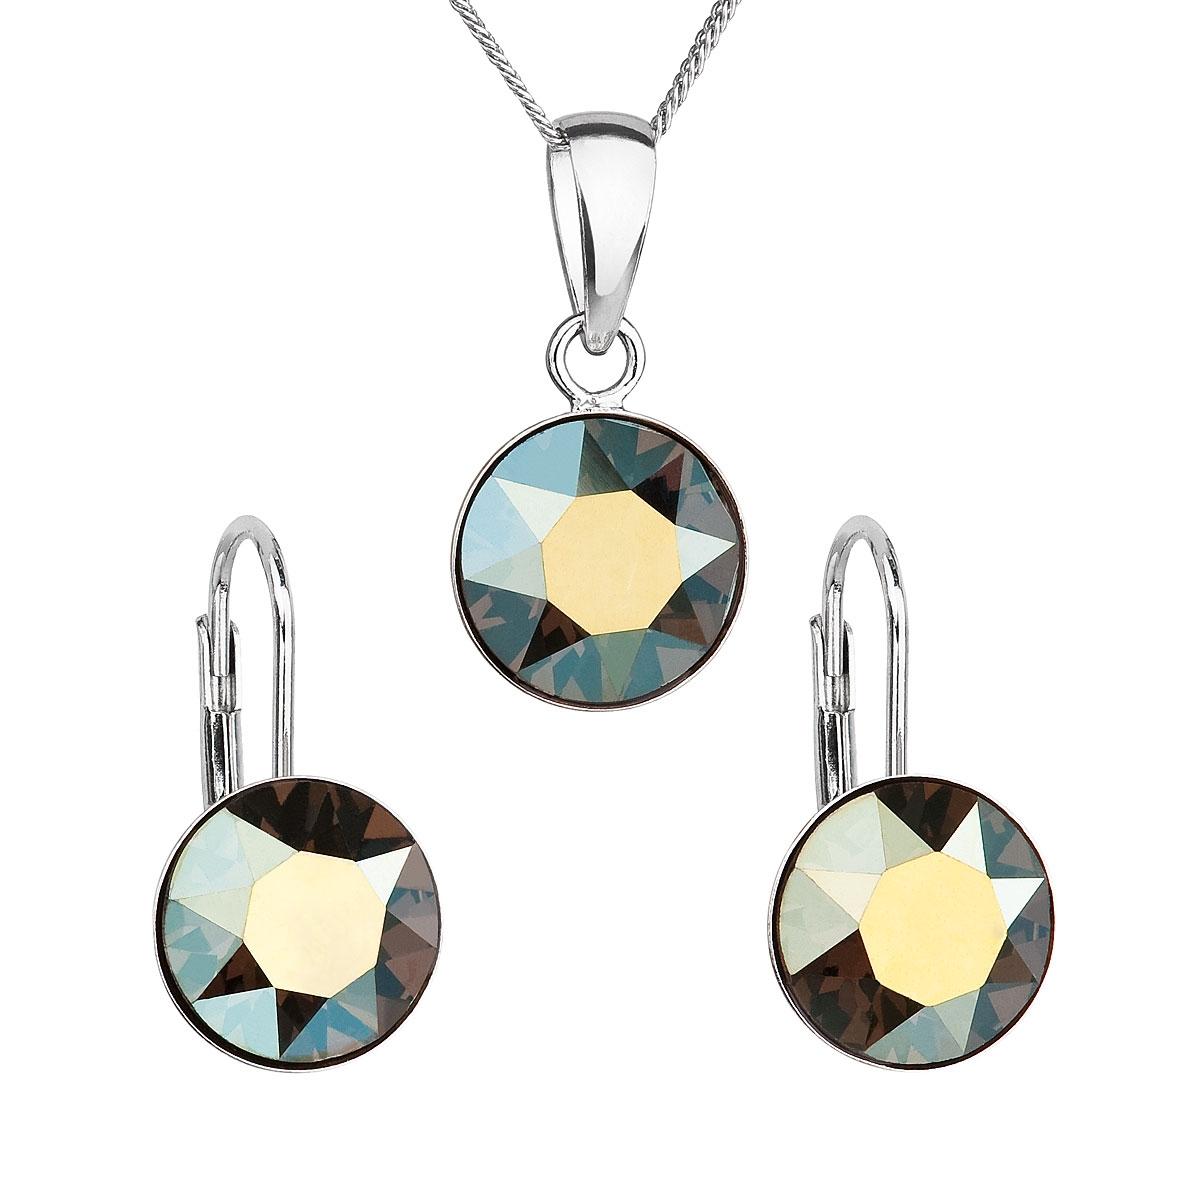 Sada stříbrných šperků s kameny Crystals from Swarovski® Green EG3054-GR